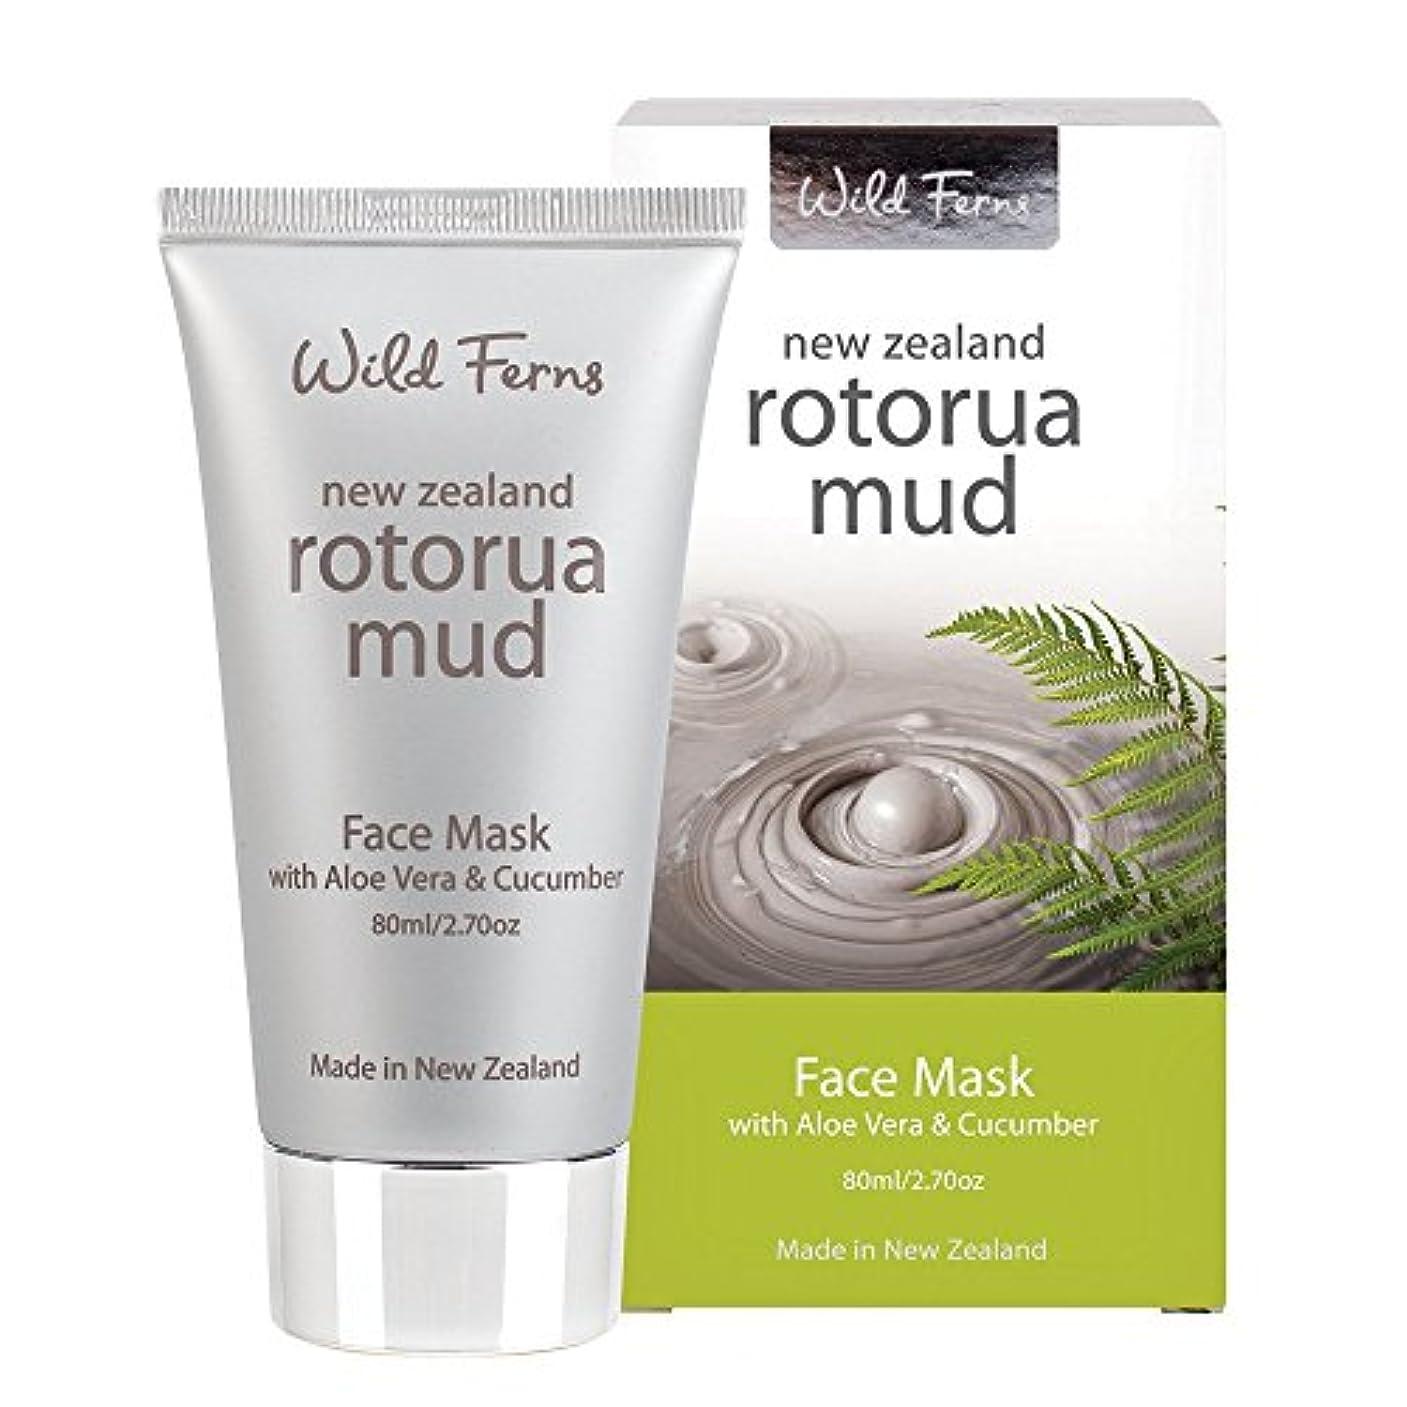 トリップ広がりとにかくRotorua Face Mask with Aloe Vera & Cucumber 80ml